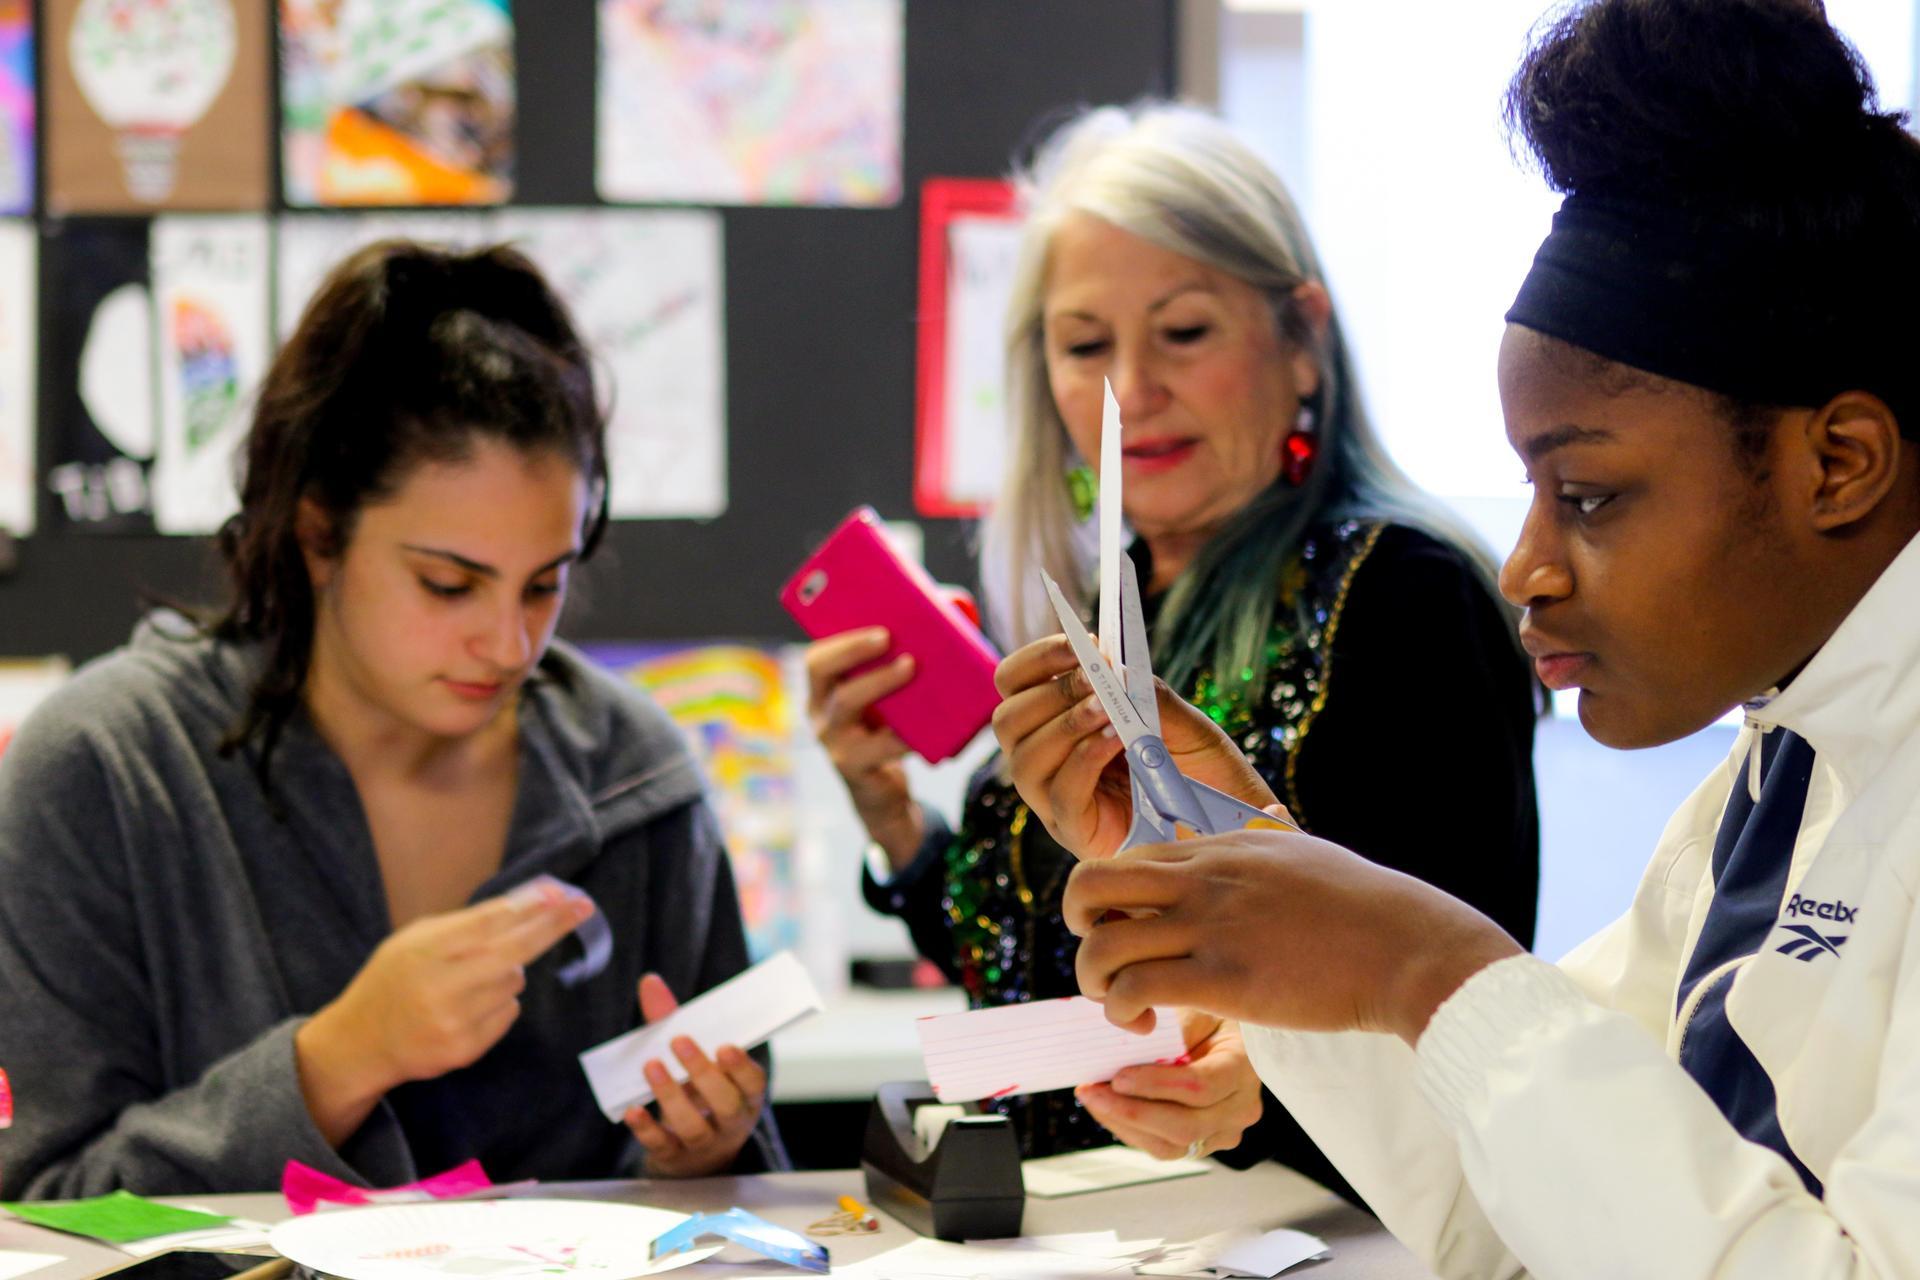 Ms. 鲁道夫和艺术学生一起工作.